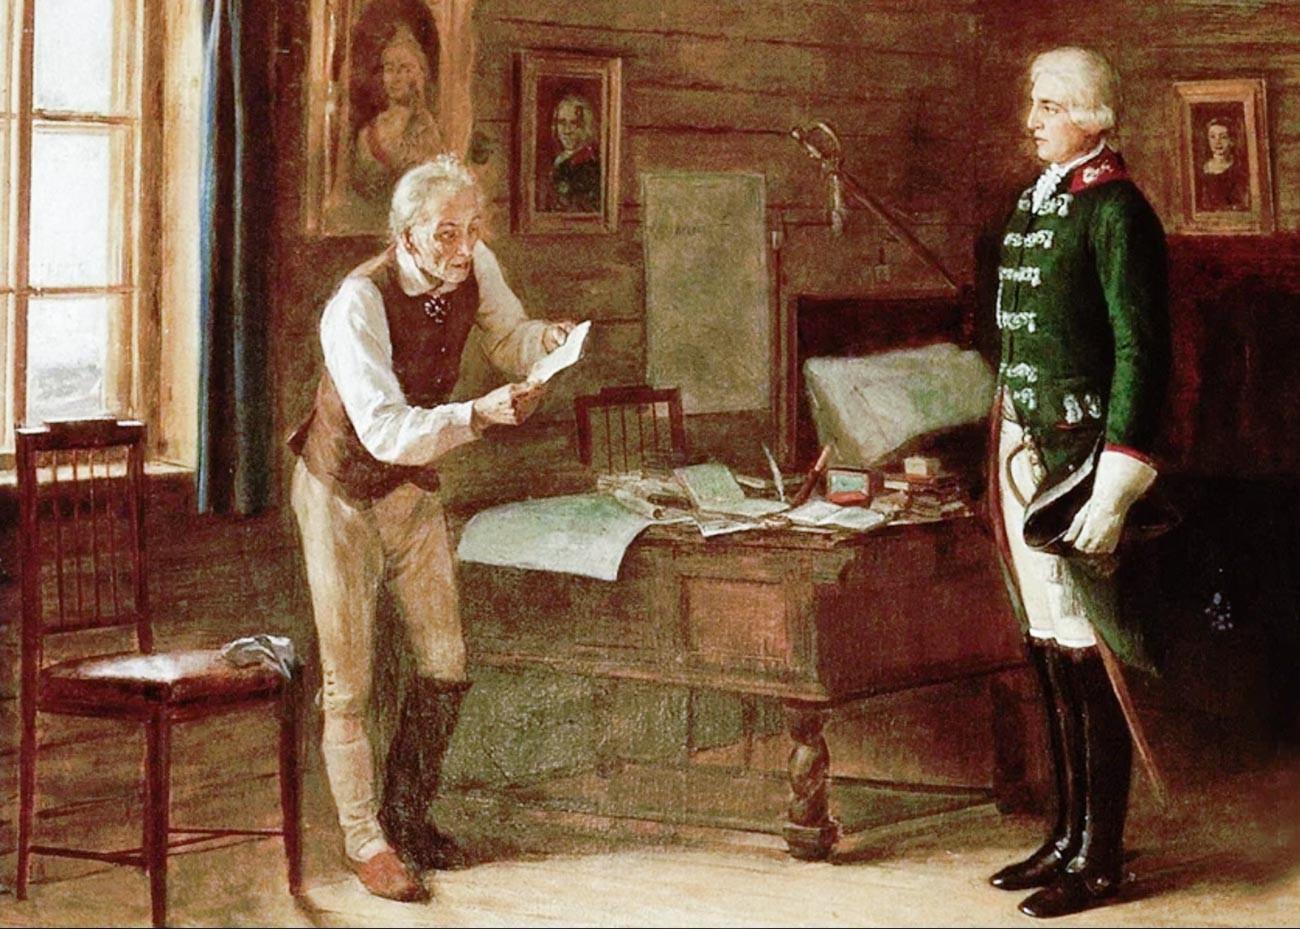 Ein im Exil lebender Suworow erhielt den Befehl, die russische Armee gegen Napoleon zu führen.